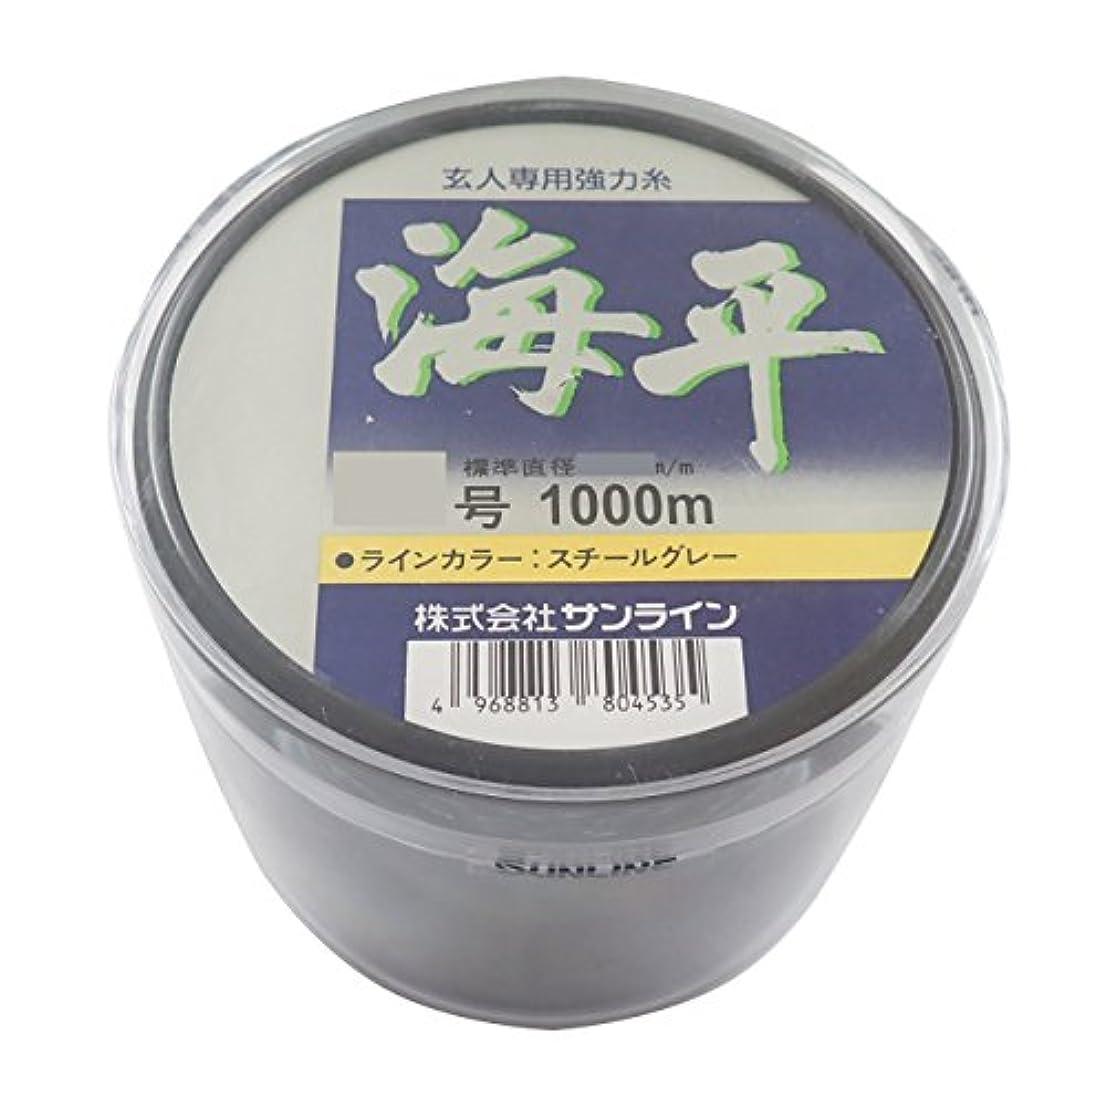 虚栄心硫黄従順サンライン(SUNLINE) ナイロンライン 海平 1000m 16号 スチールグレー